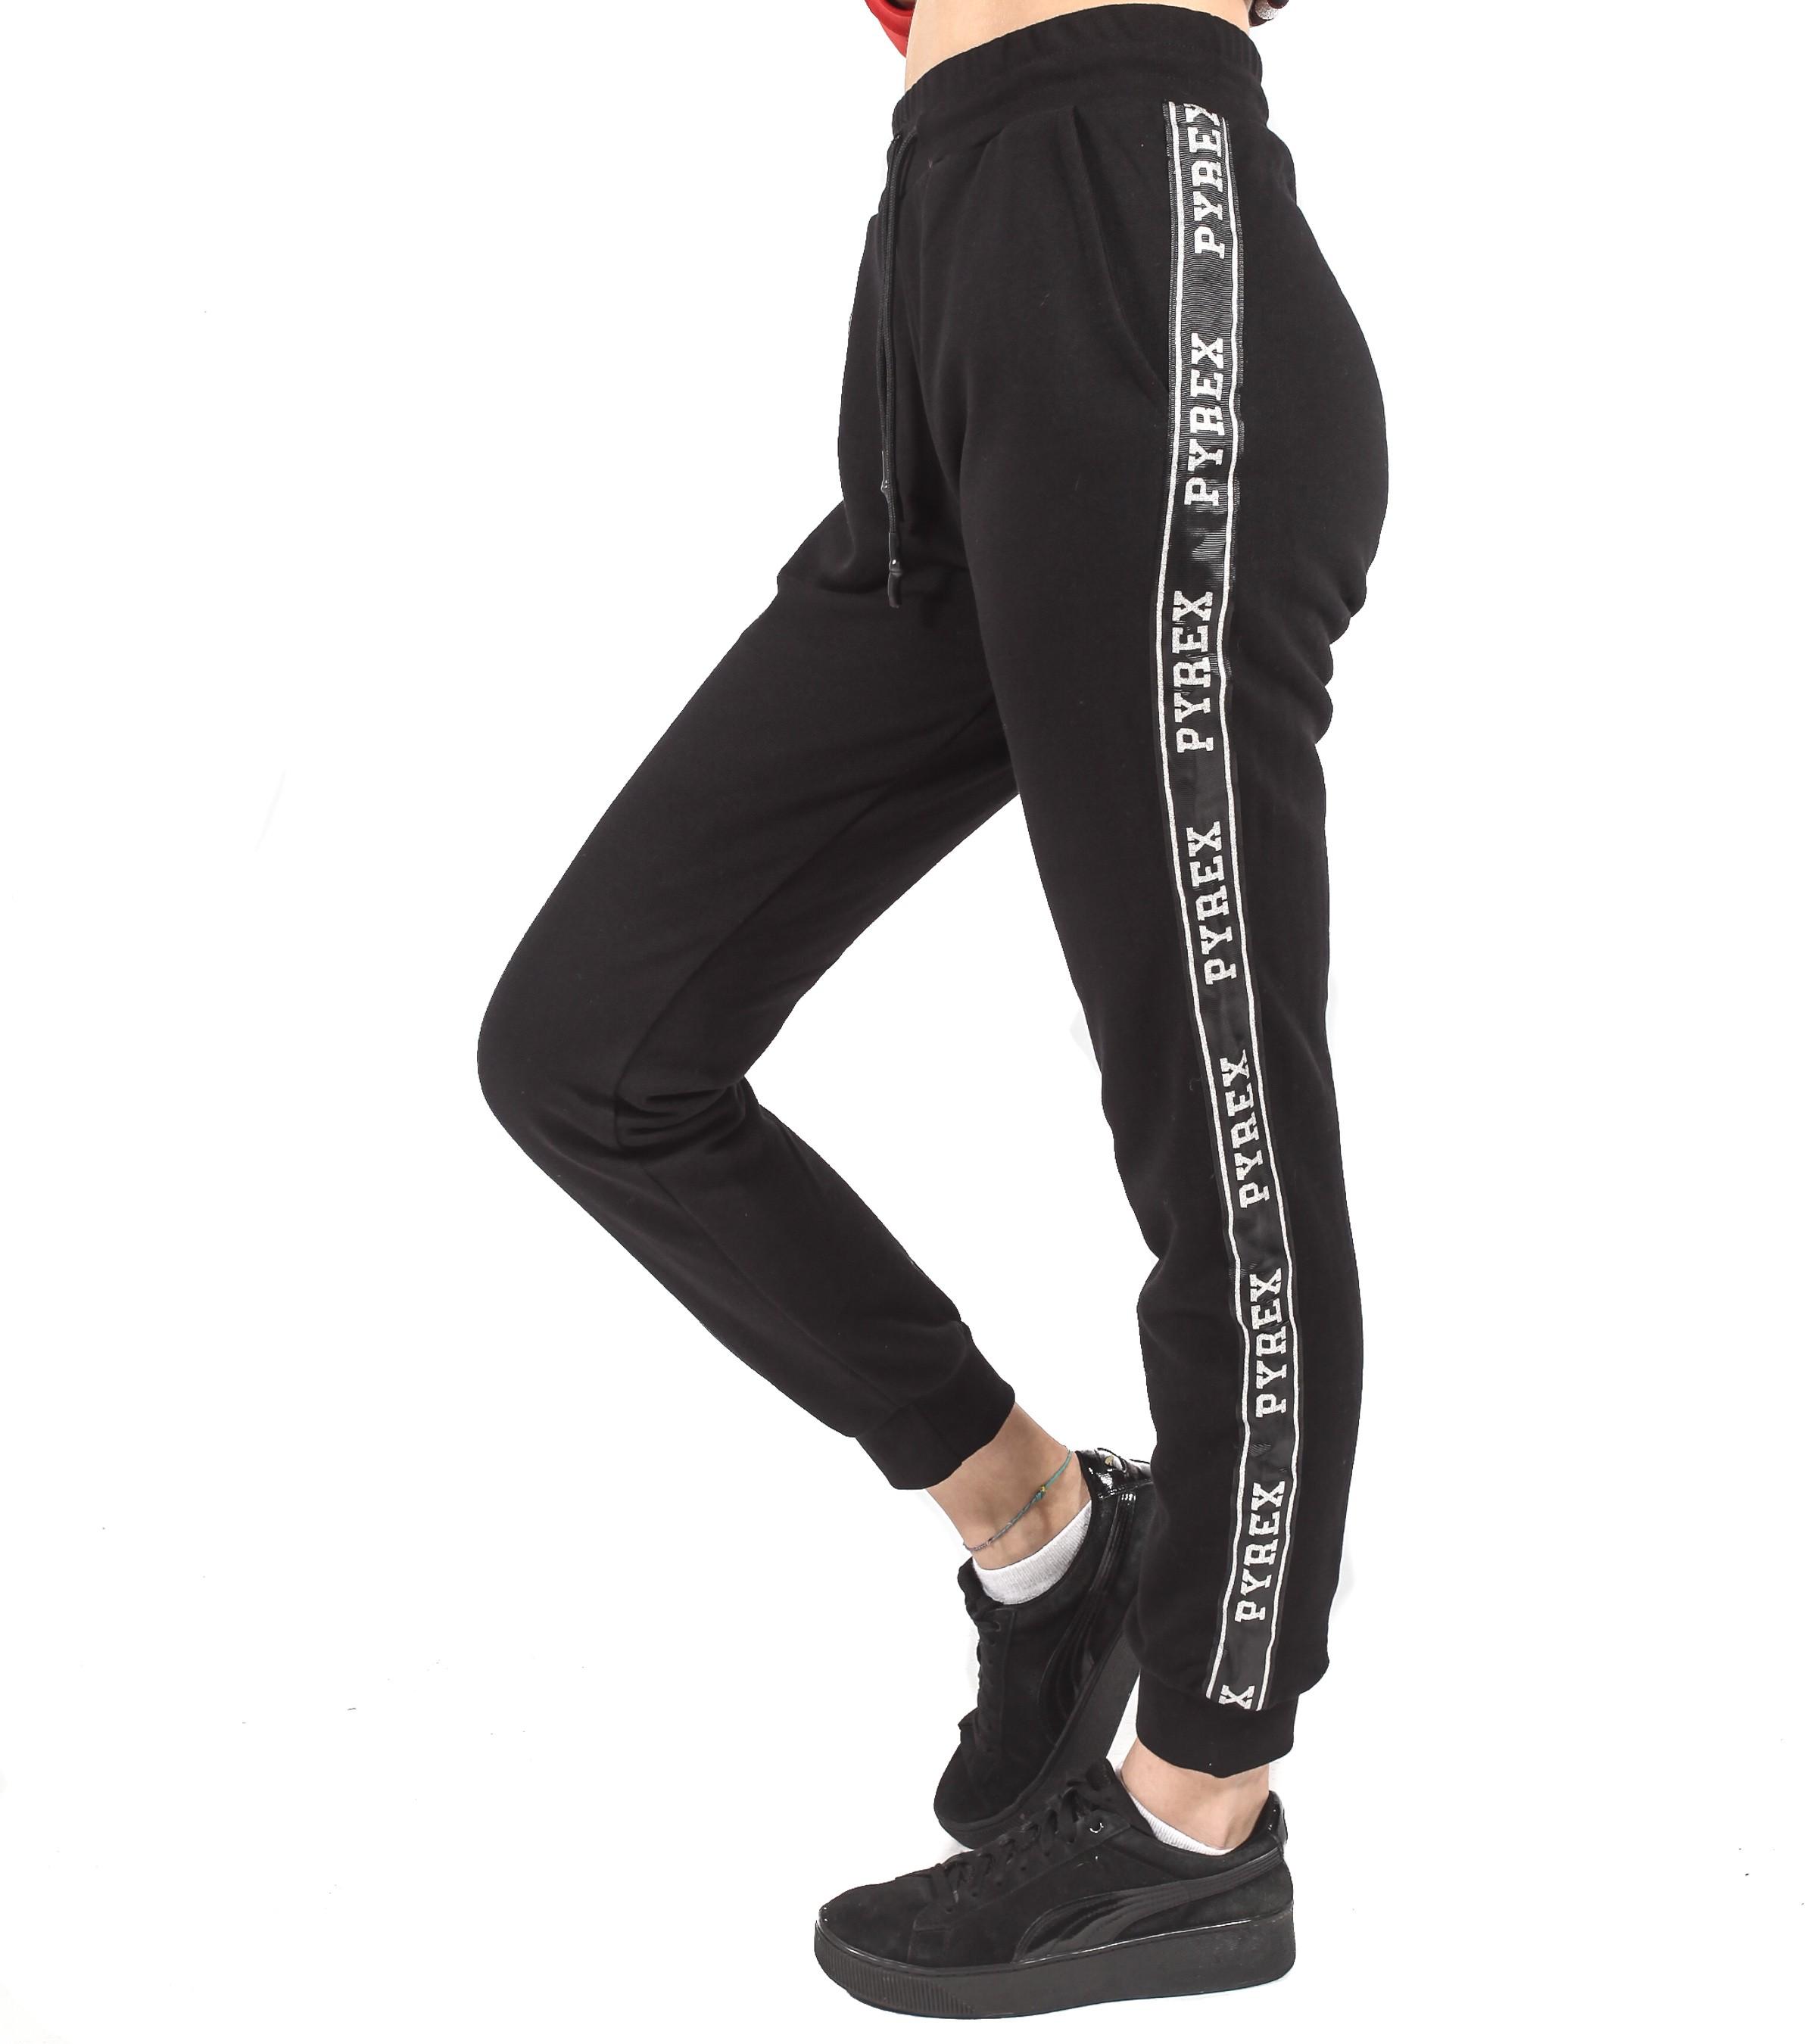 659cc48313 Pantalone tuta Pyrex con logo da donna rif. 18IPC34413